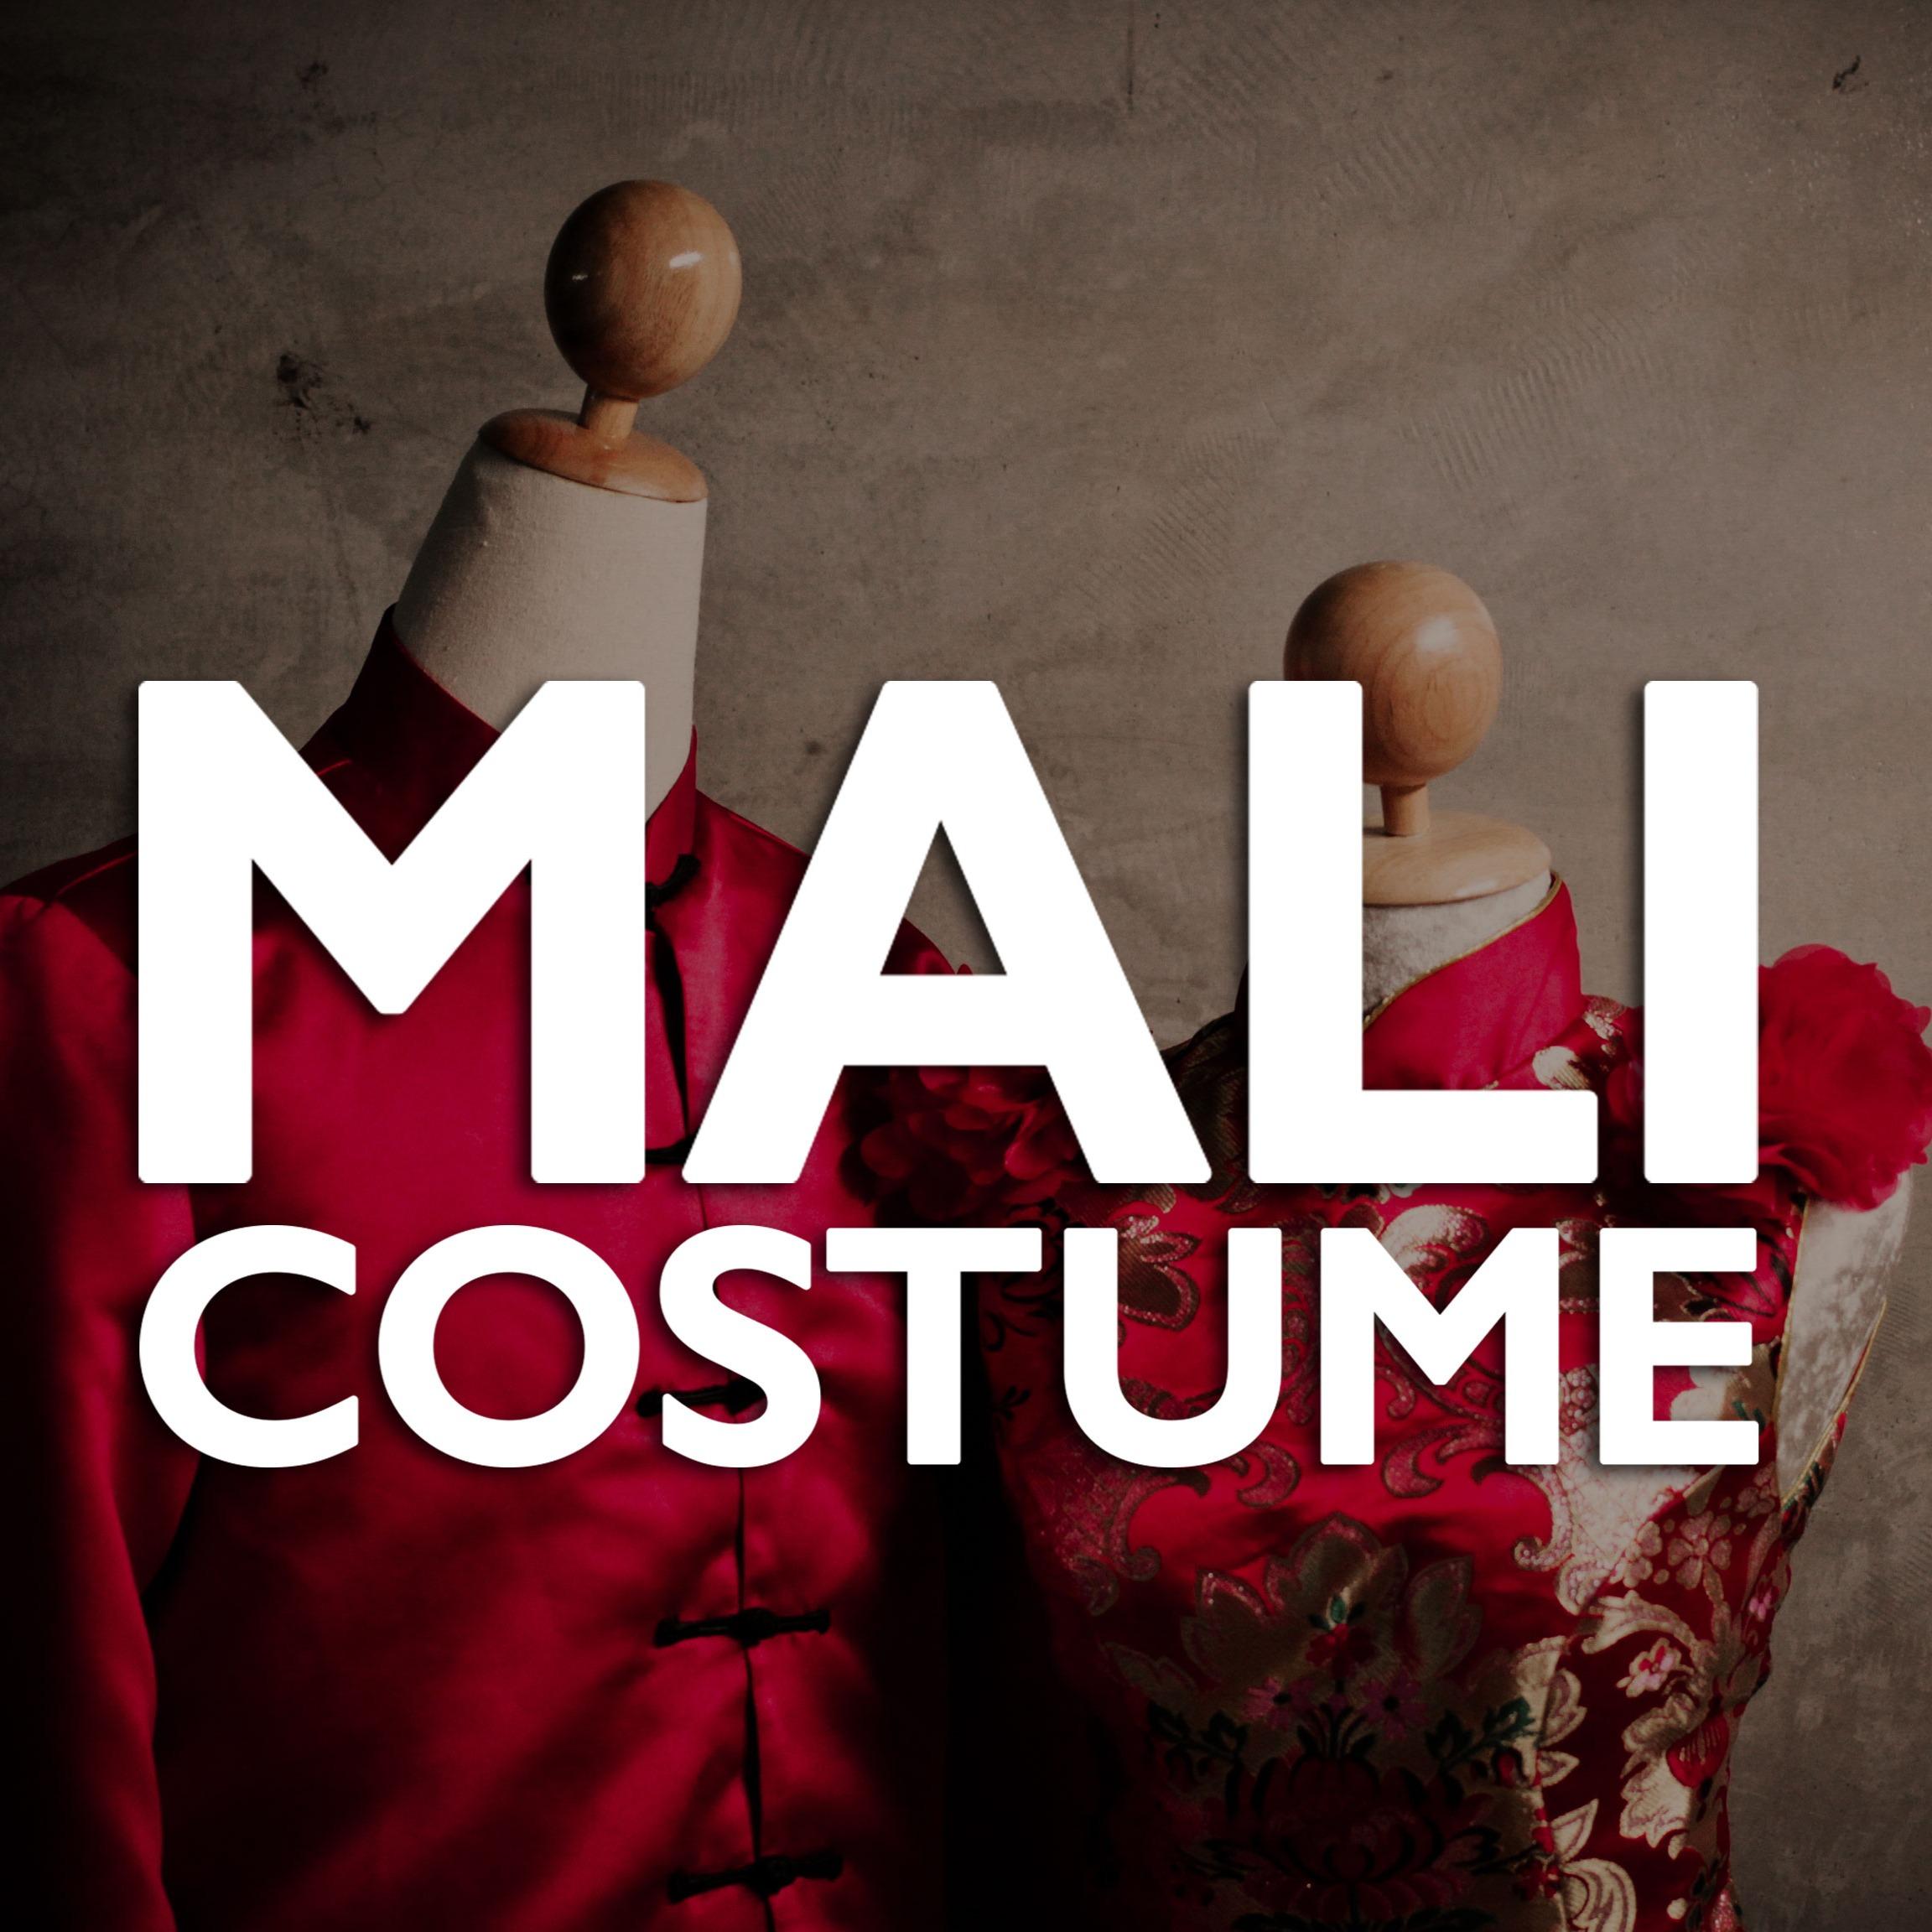 Mali Costume